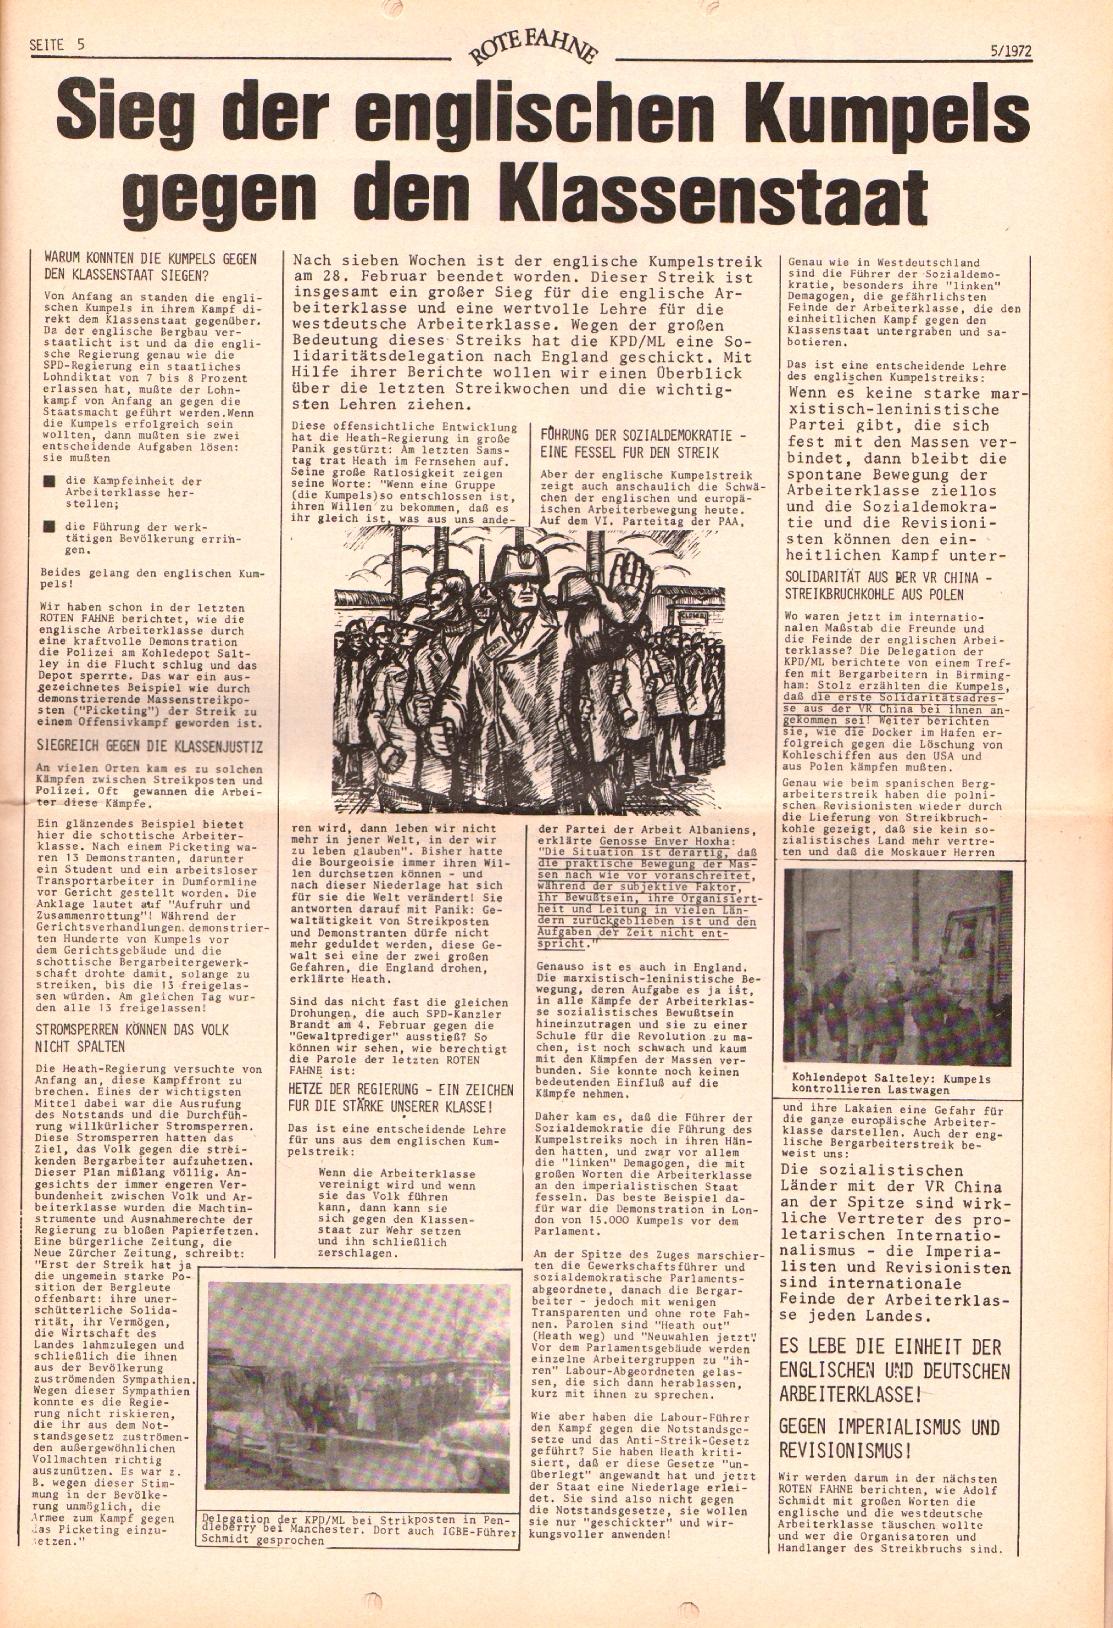 Rote Fahne, 3. Jg., 6.3.1972, Nr. 5, Seite 5